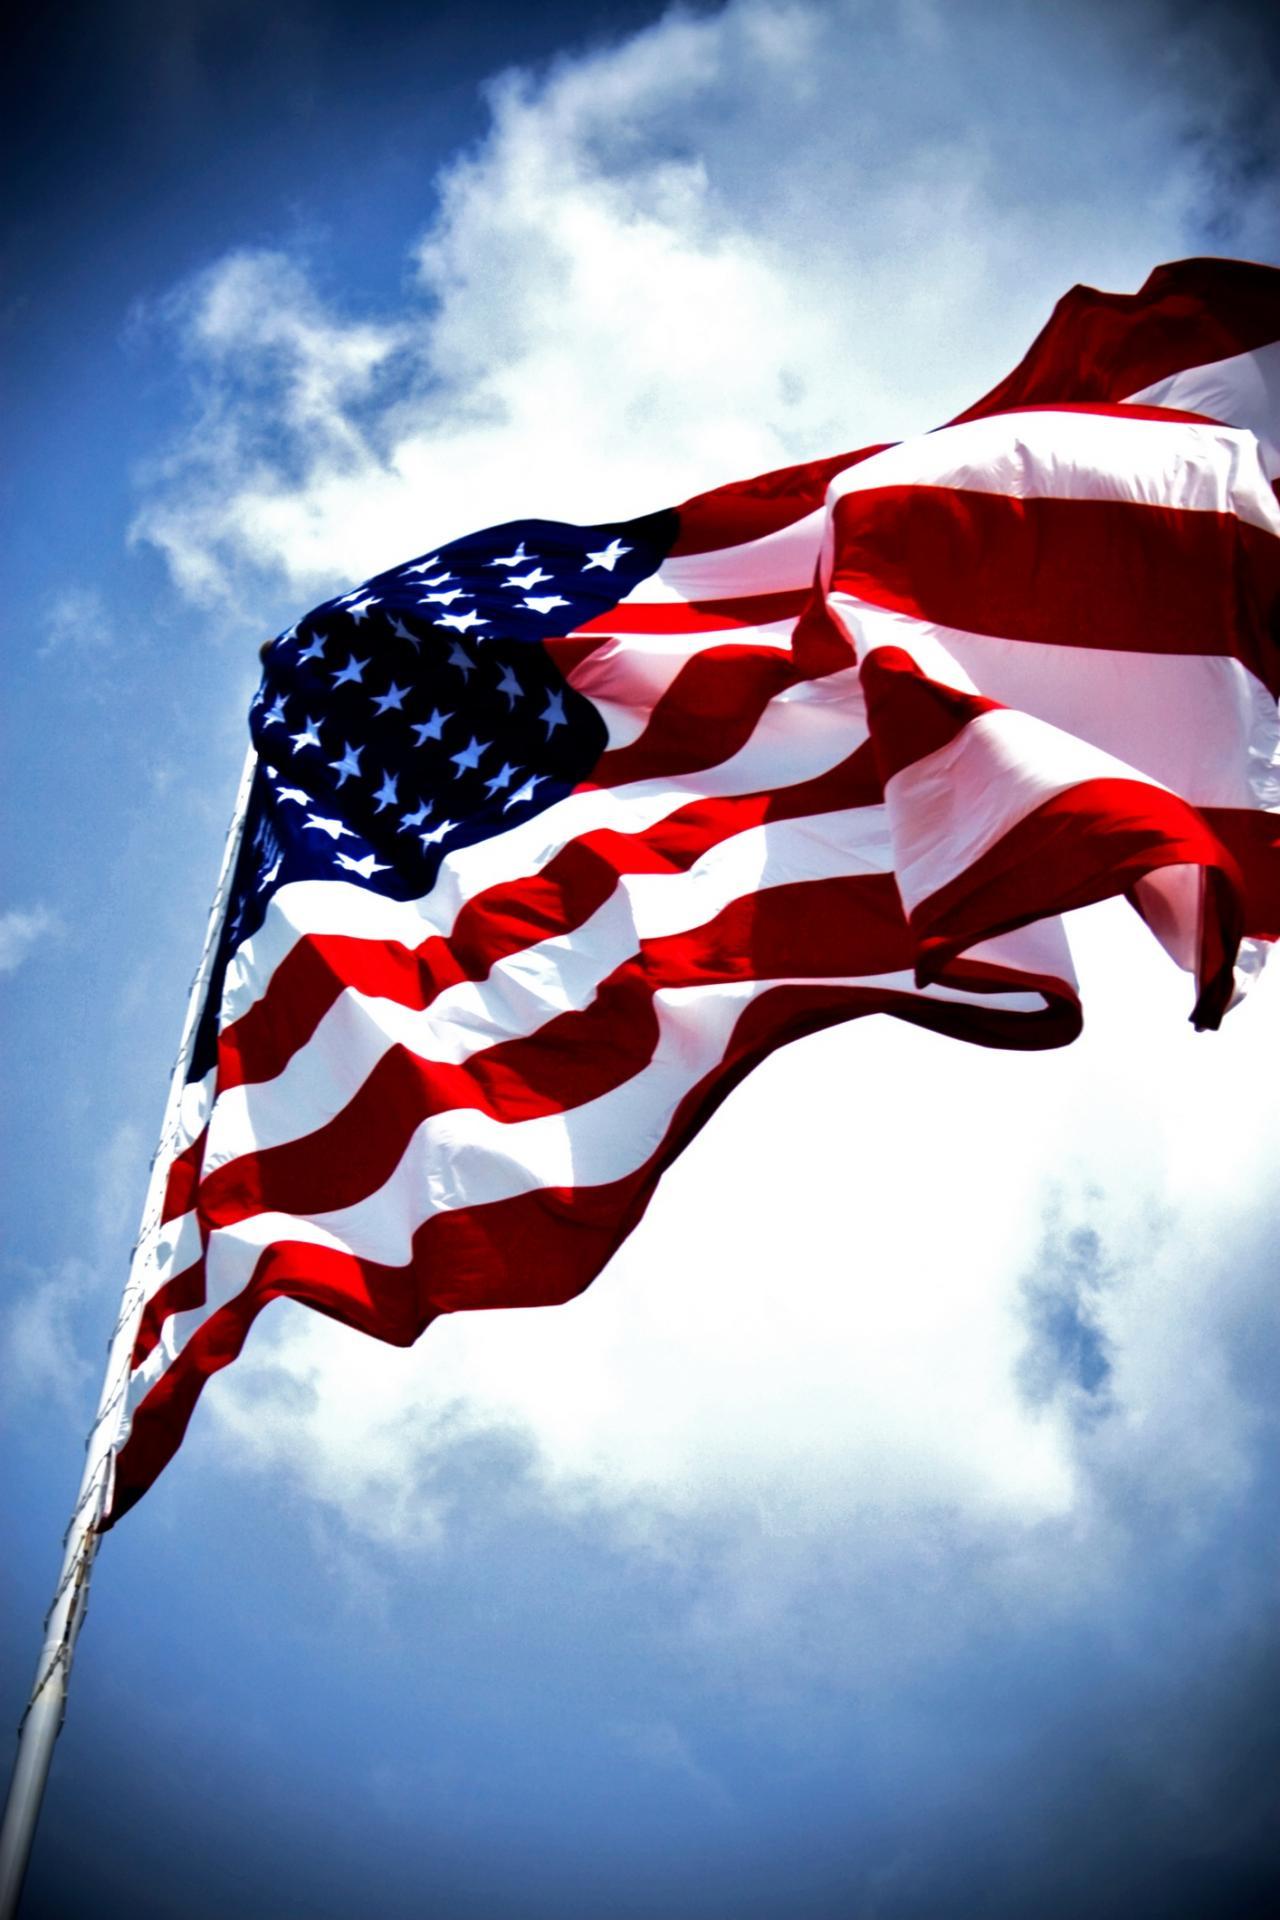 صورة صور علم امريكا , اشكال علم امريكا بالصور 6634 1